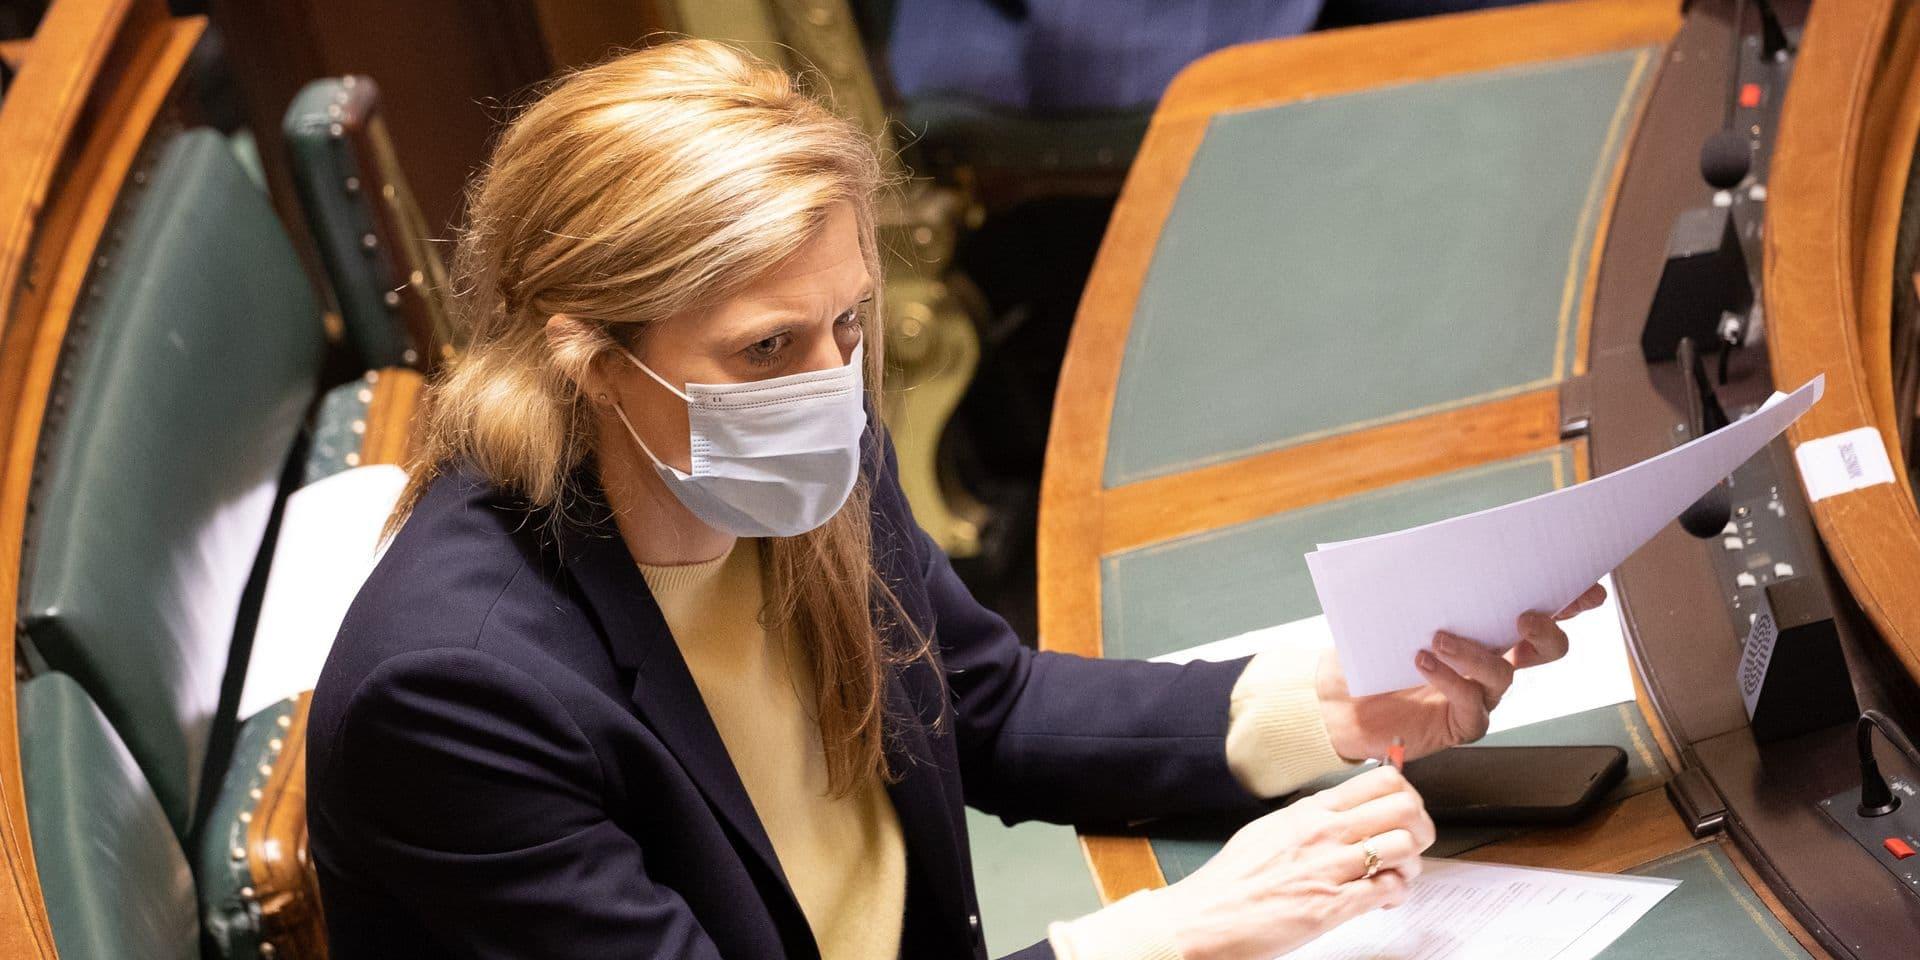 Le projet de loi pandémie recalé en commission Intérieur, le vote prévu jeudi au Parlement à nouveau reporté